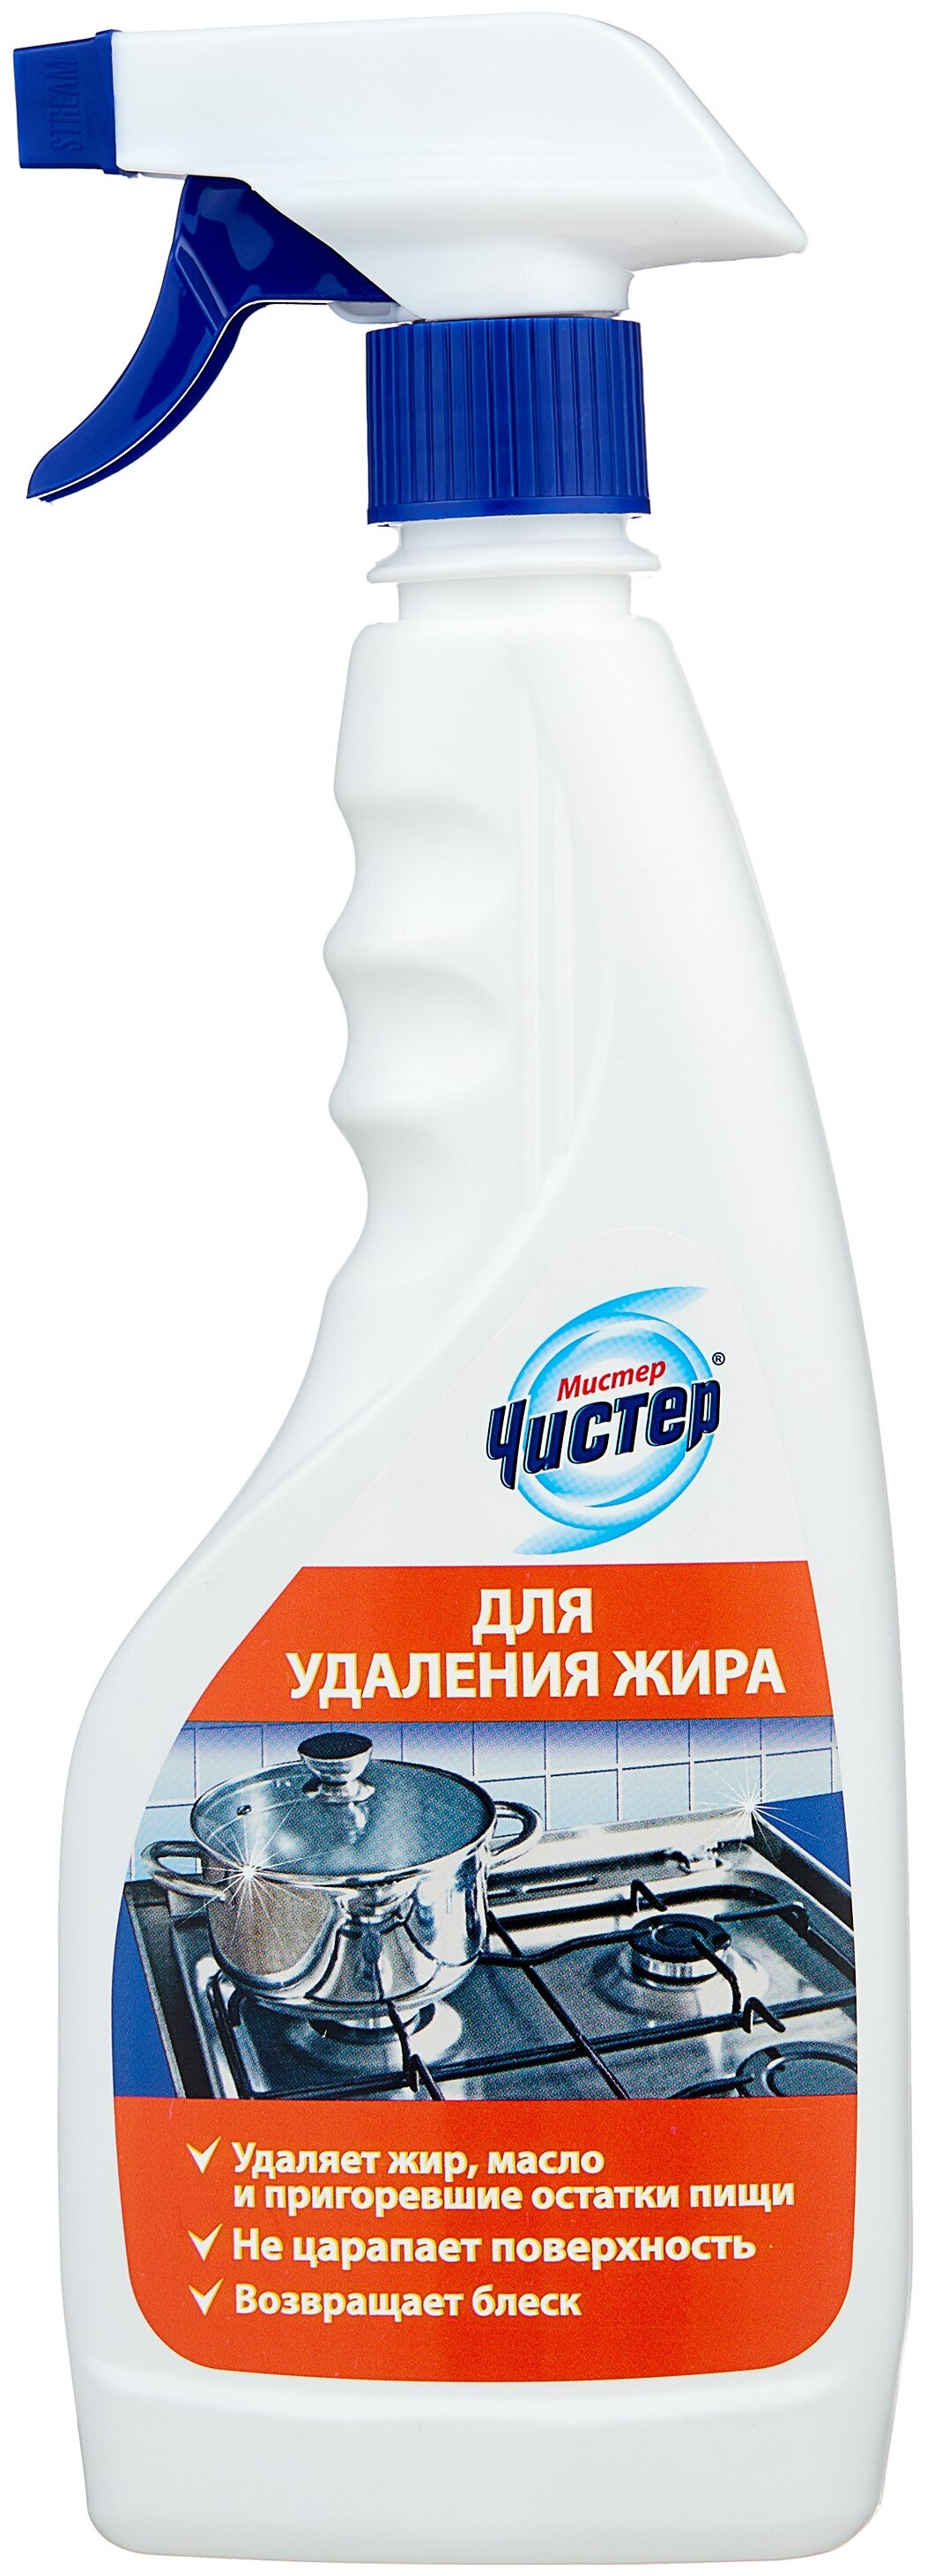 Средство для удаления жира с кухонных поверхностей Мистер Чистер - особенности: универсальное, антибактериальное